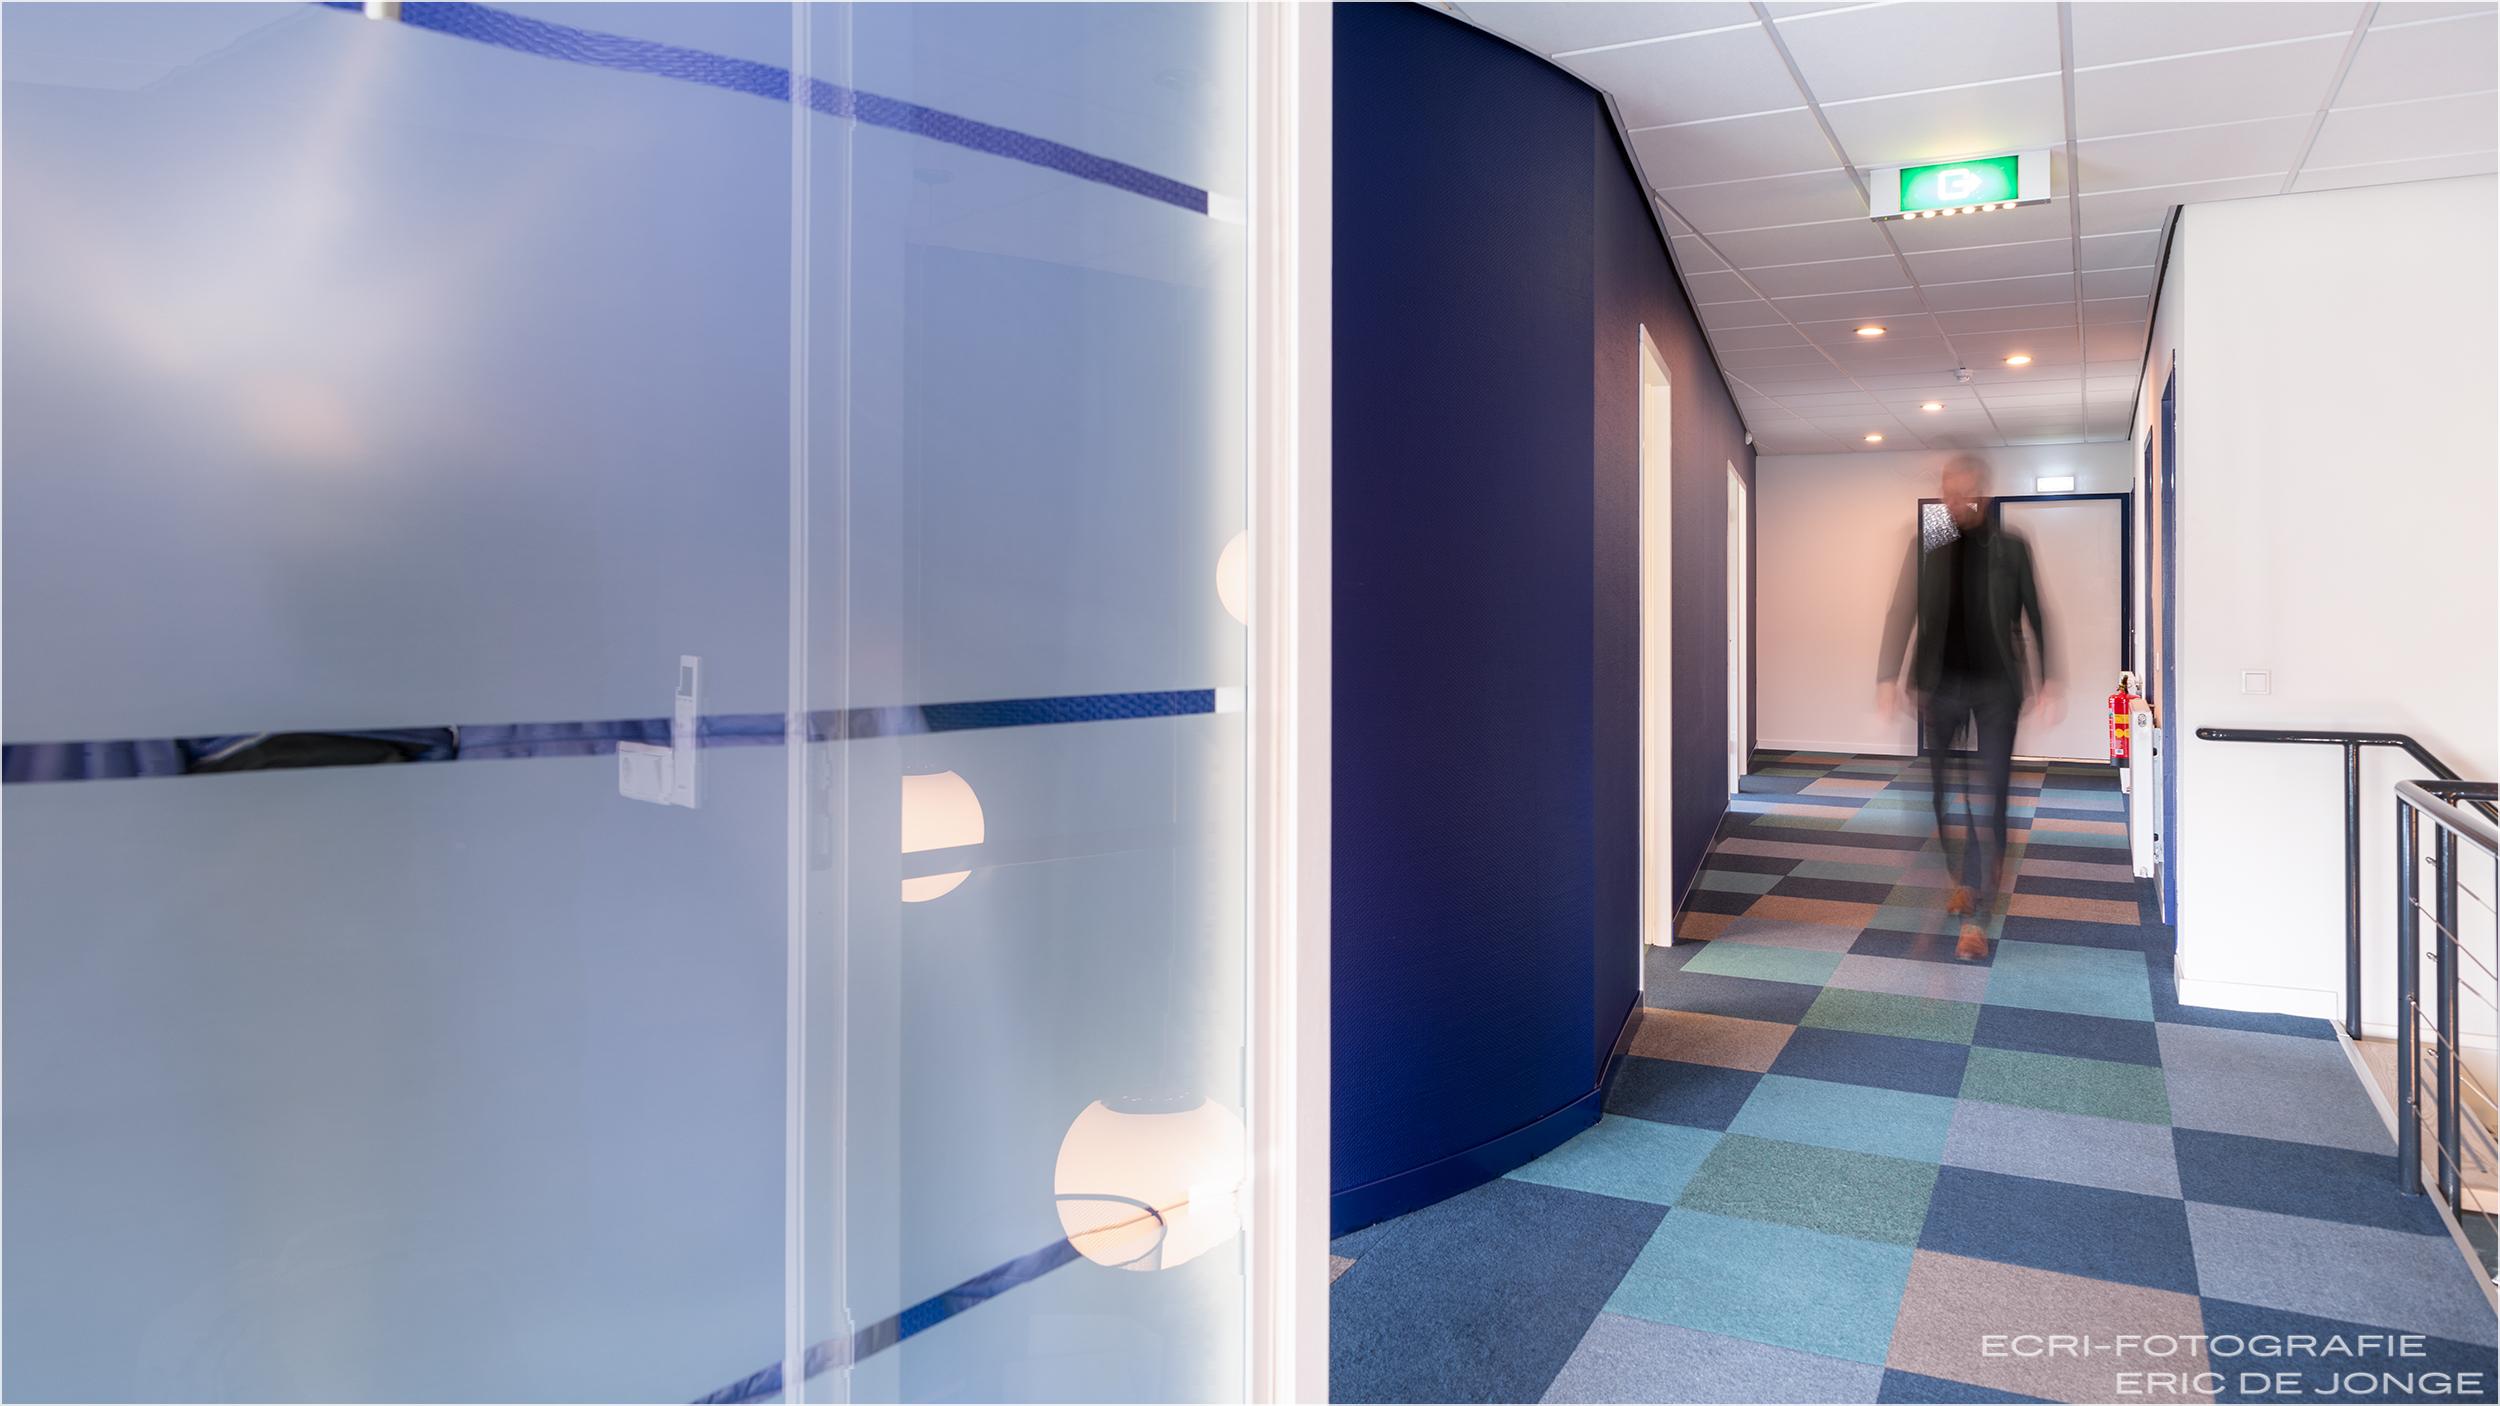 bedrijfsfotografie, ecri-fotografie.nl Brandsma Verzekeringe, Eric de Jonge, portretfotograaf